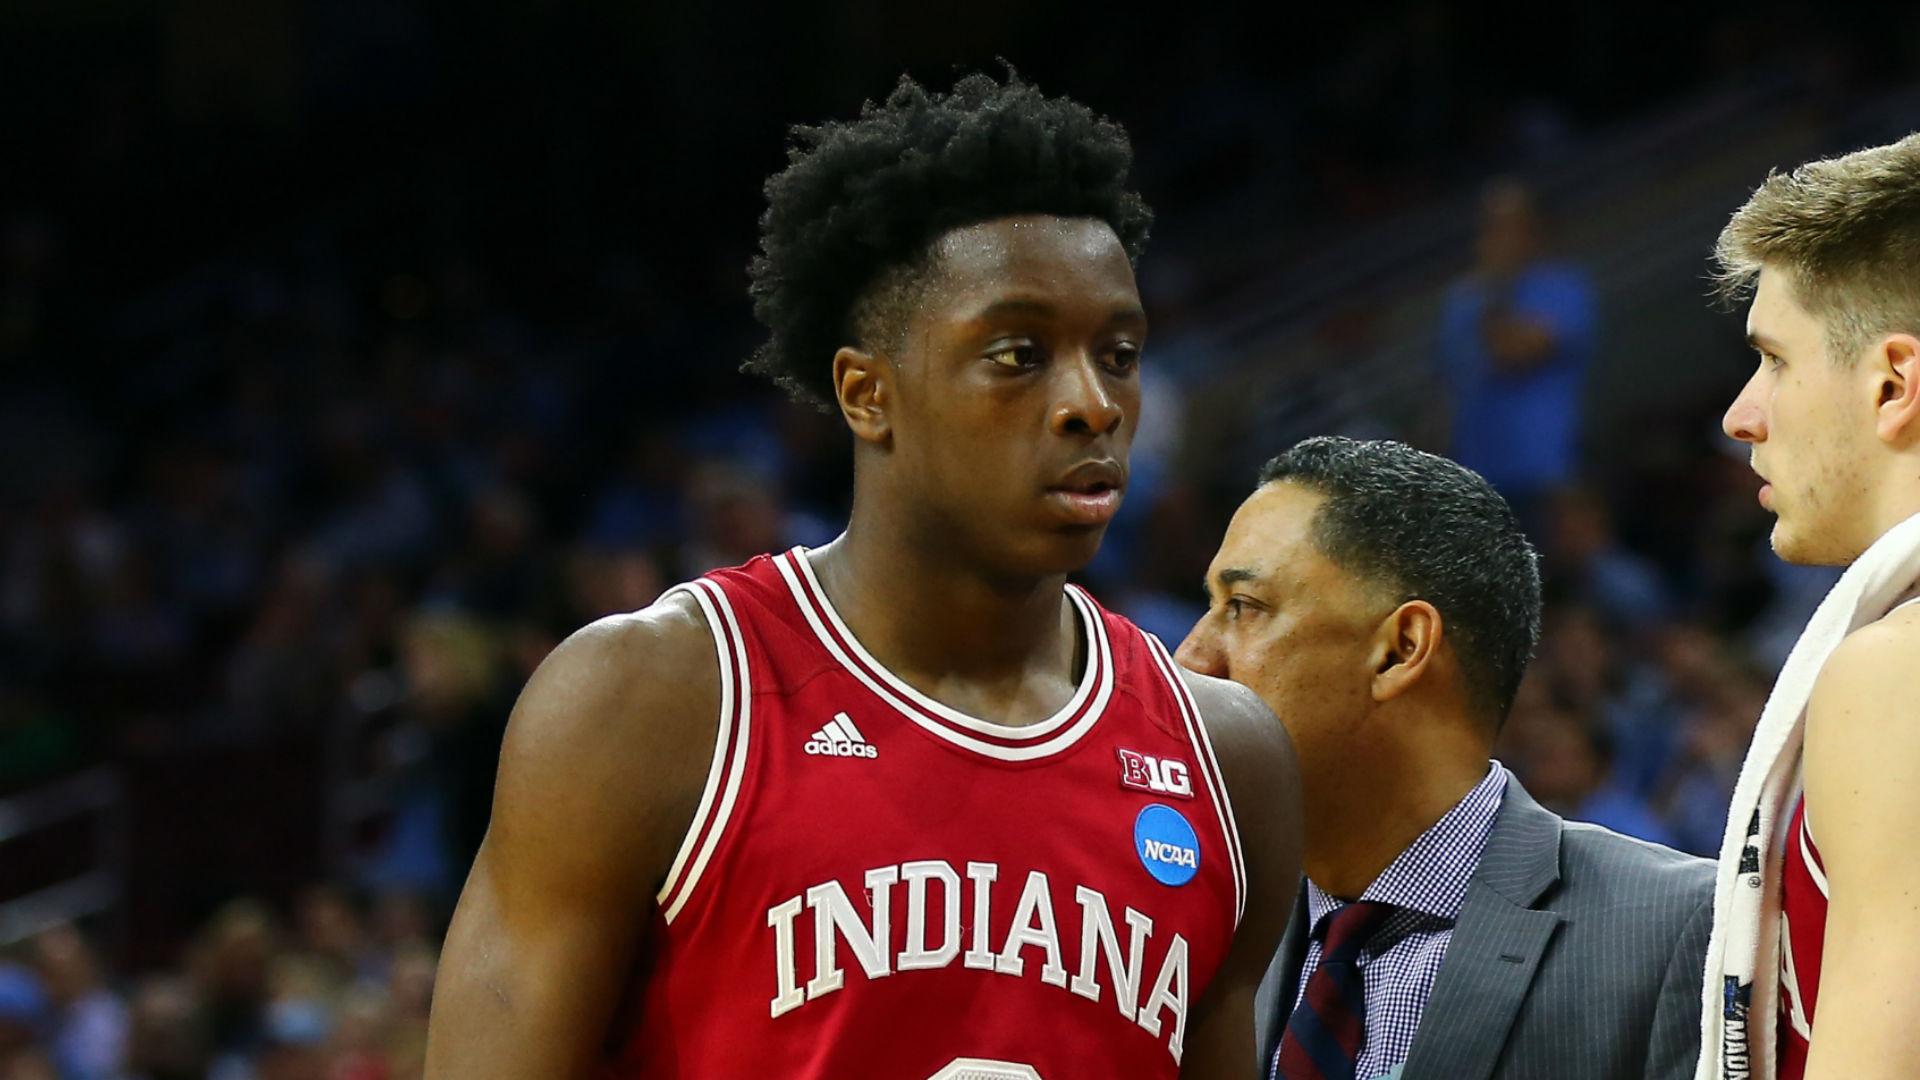 Penn State men's basketball lets 'Penn State hurt Penn State'